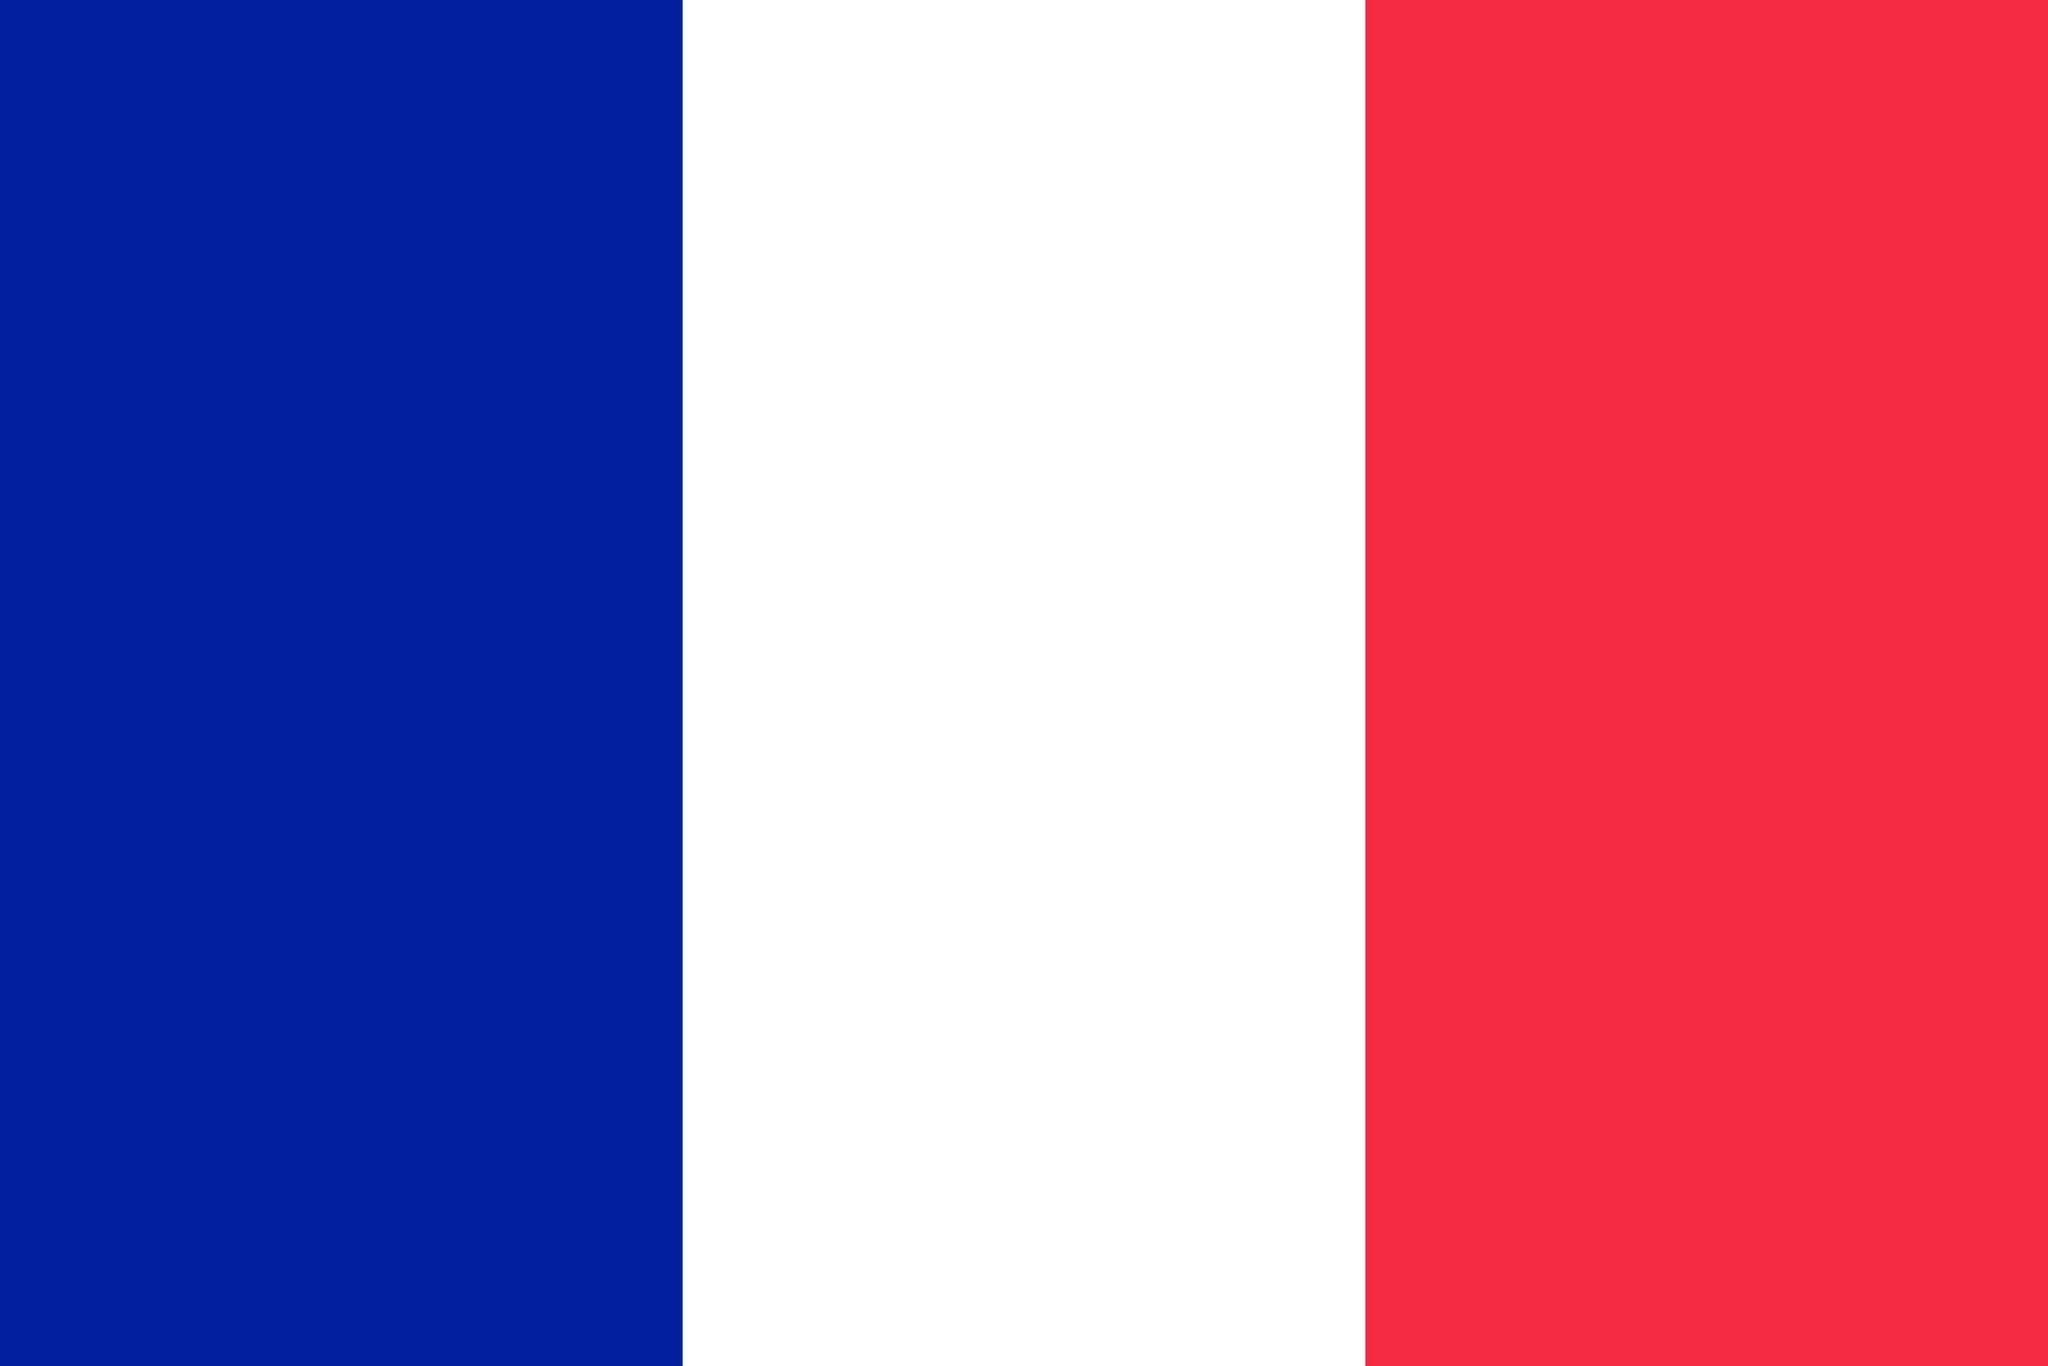 Fabulous Drapeau de la France, Drapeaux du pays France QK57